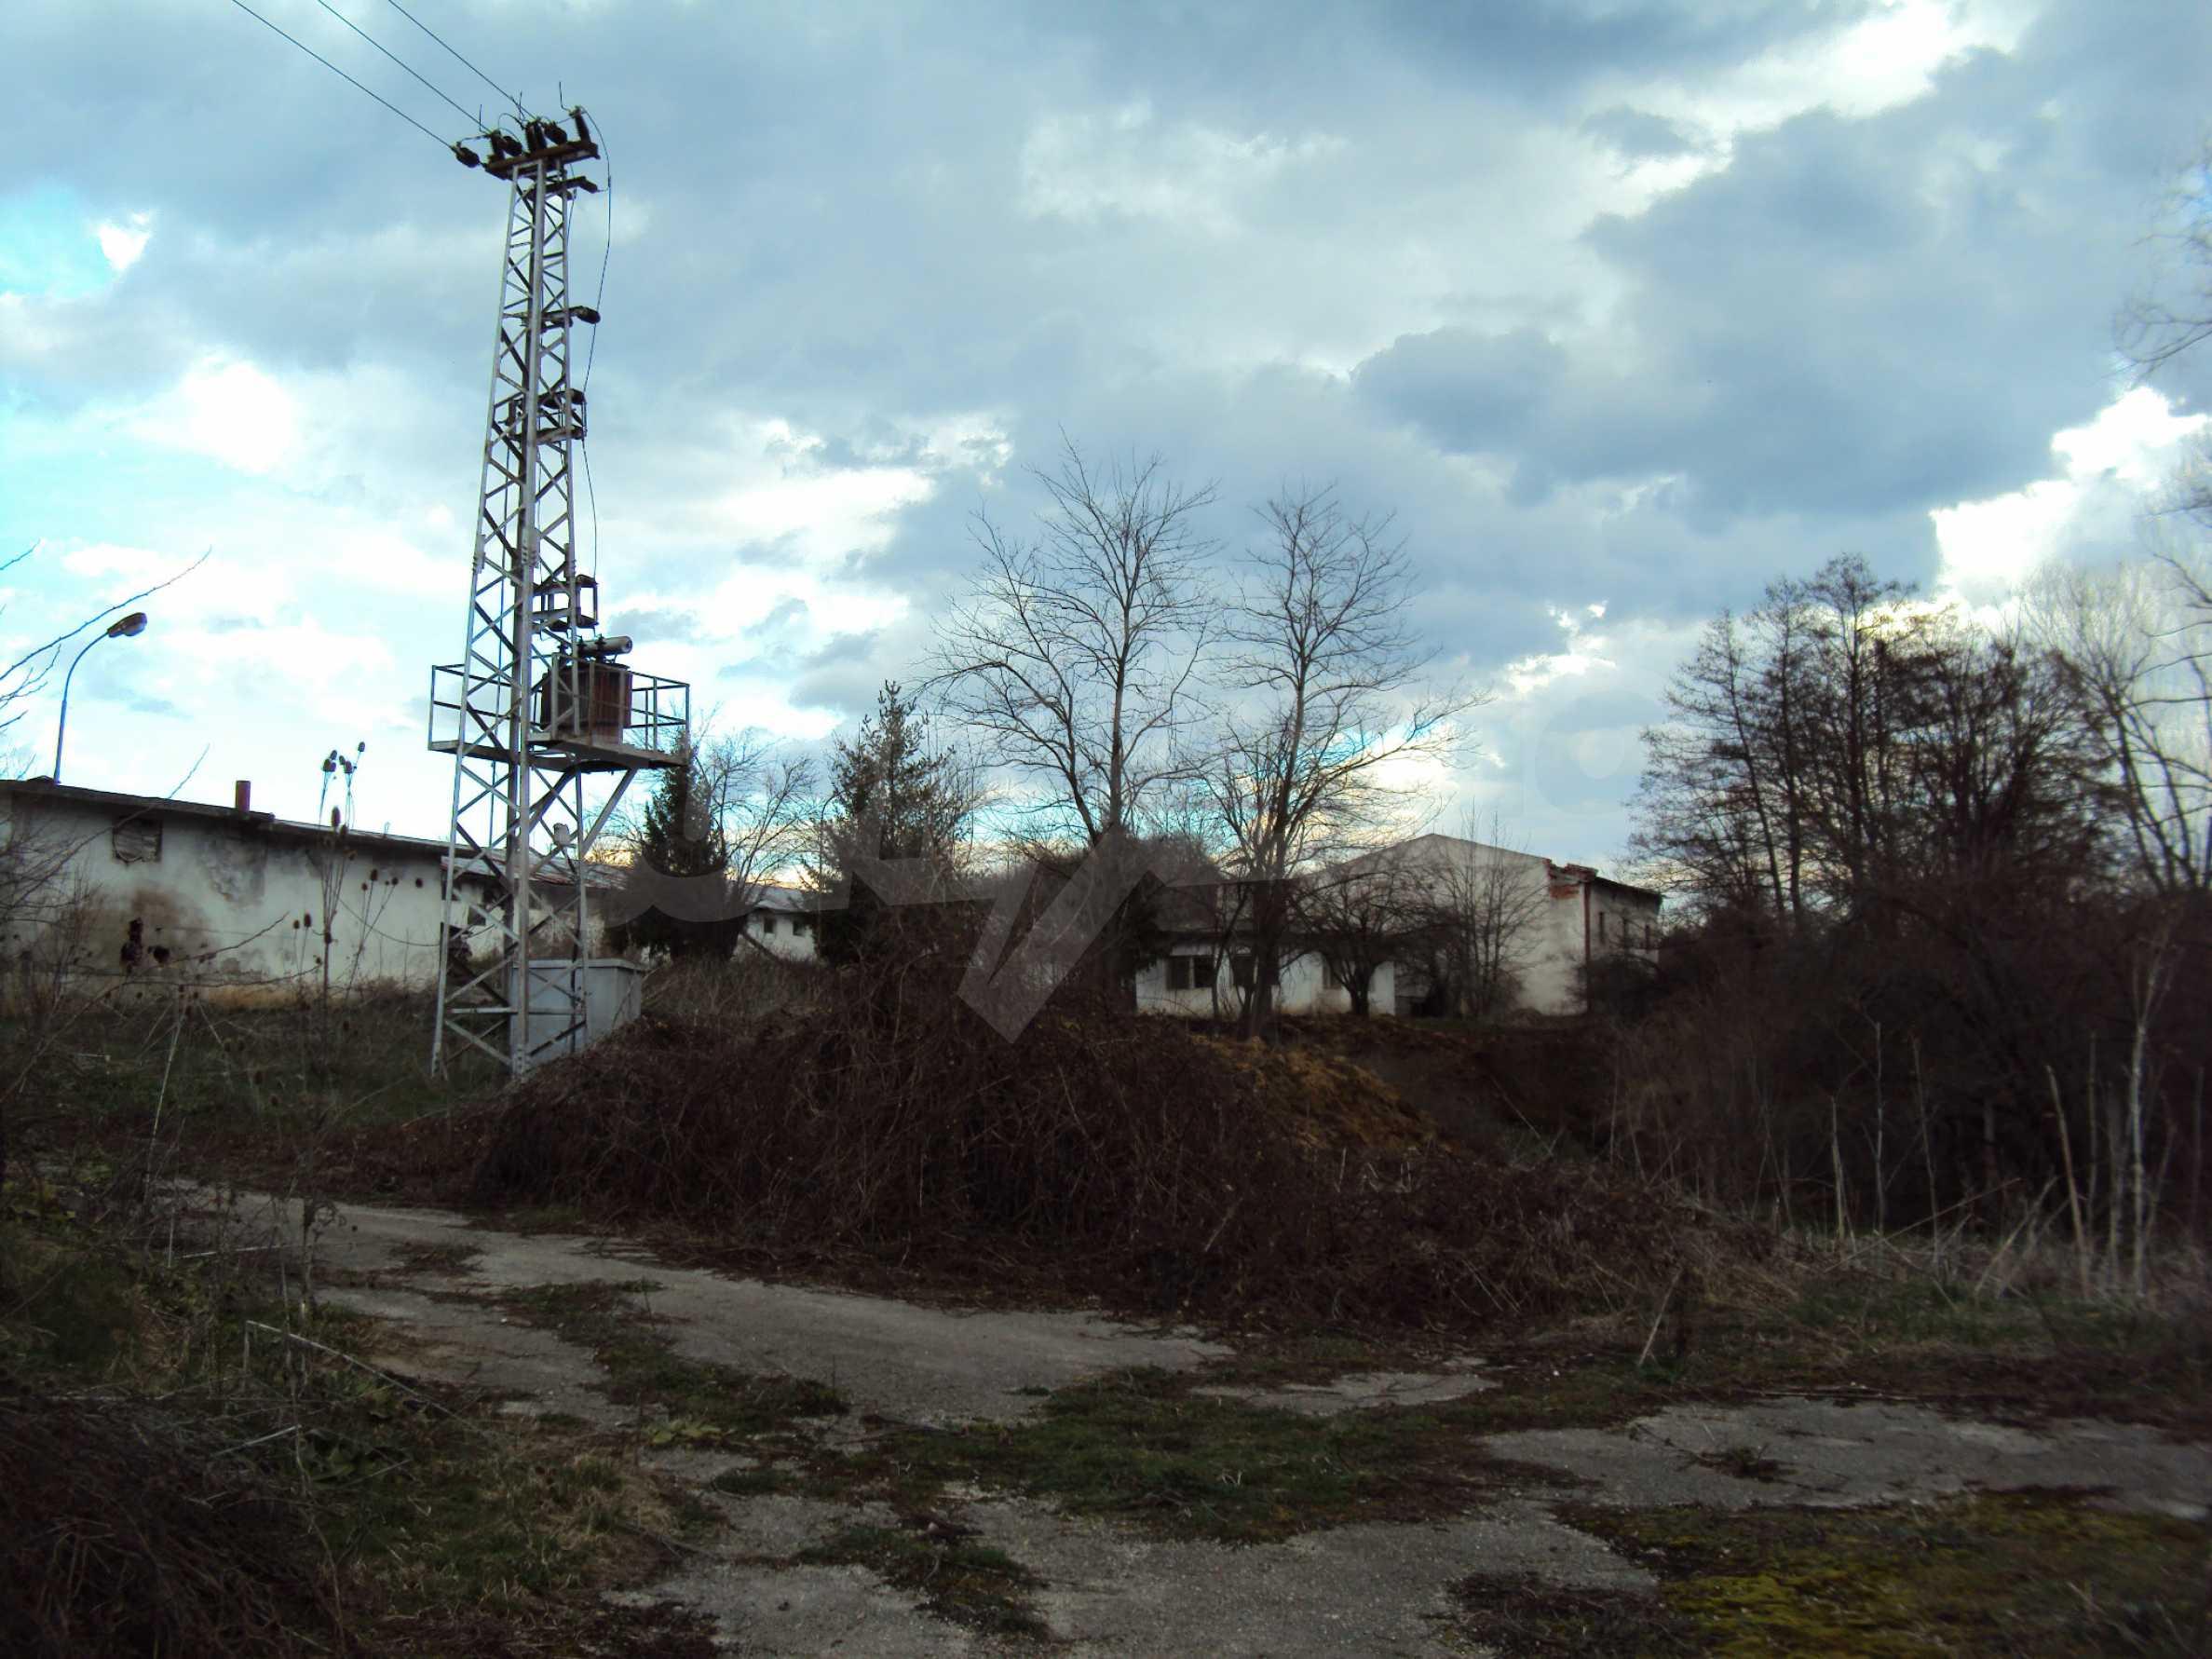 Ein Nebengebäude in einer kleinen Stadt 24 km von Veliko Tarnovo entfernt 20